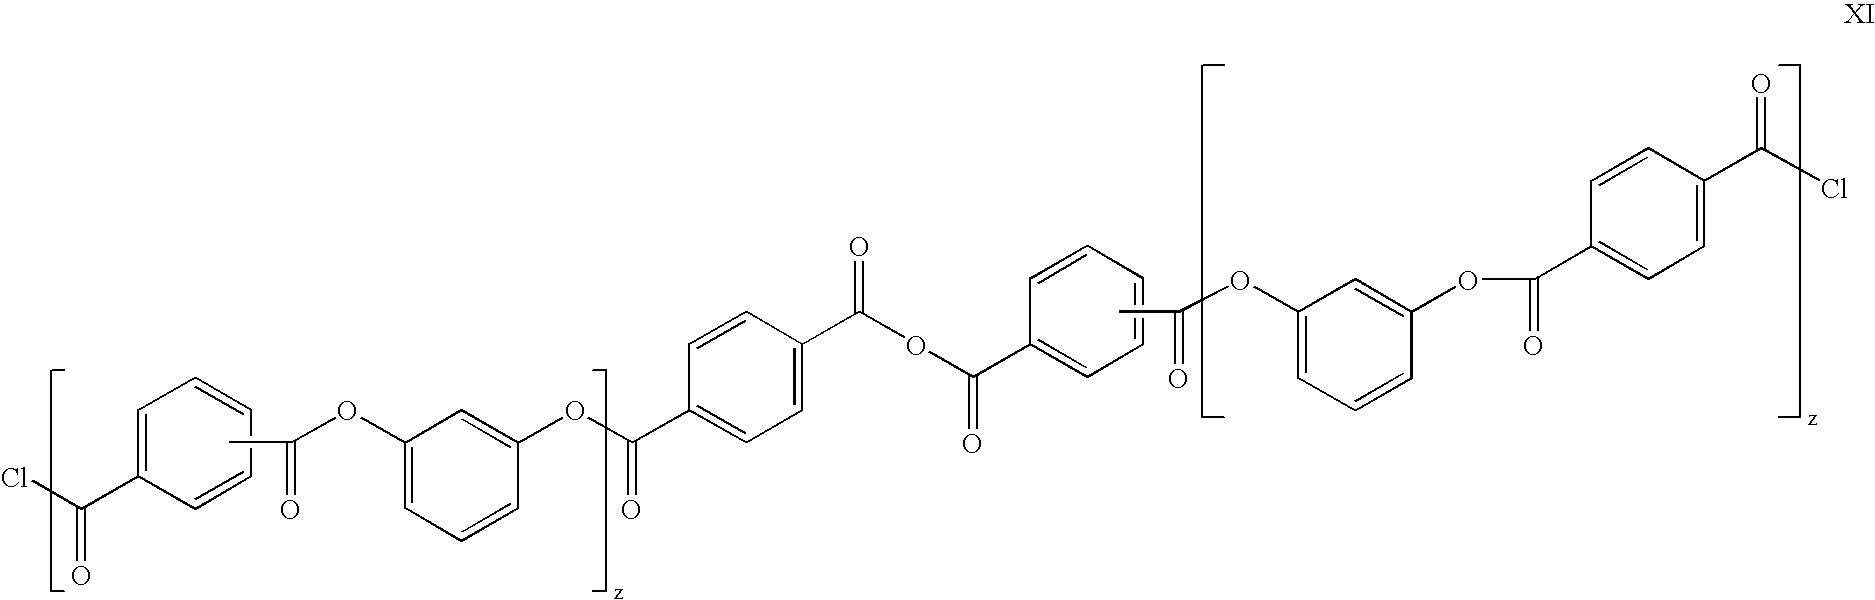 Figure US20050159543A1-20050721-C00011